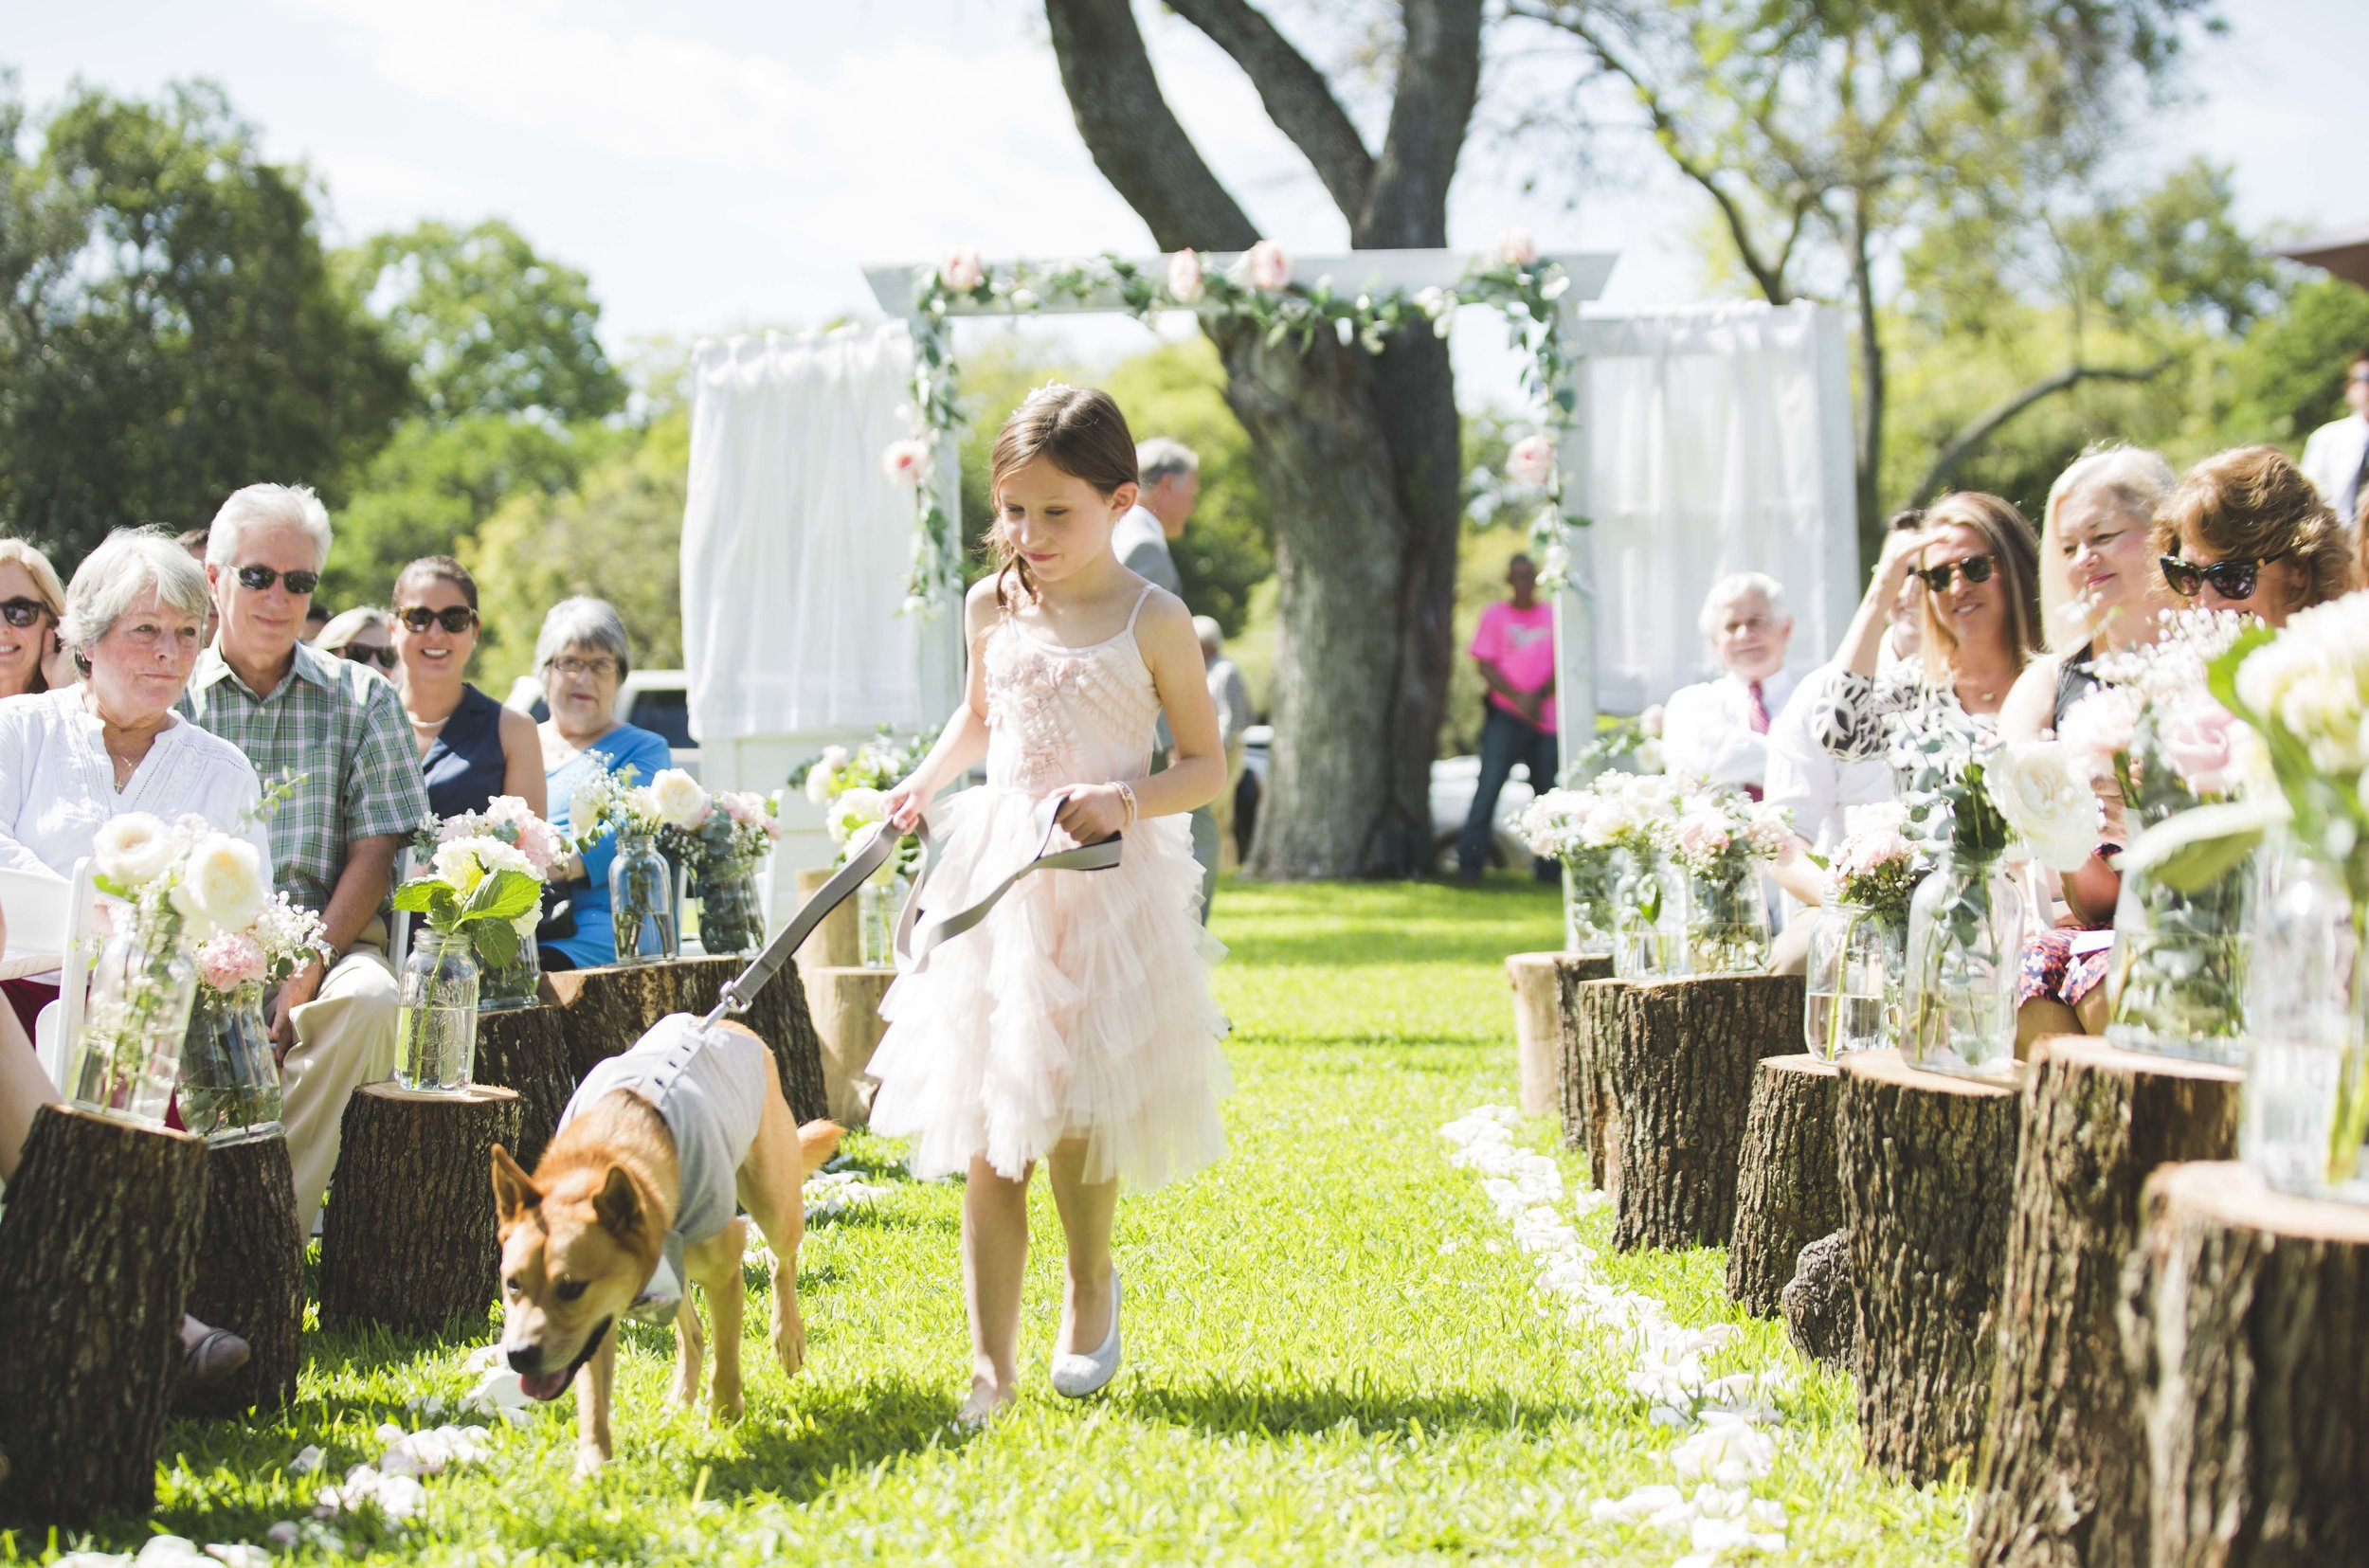 ATGI_Susanna & Matt Wedding_717A7496.jpg